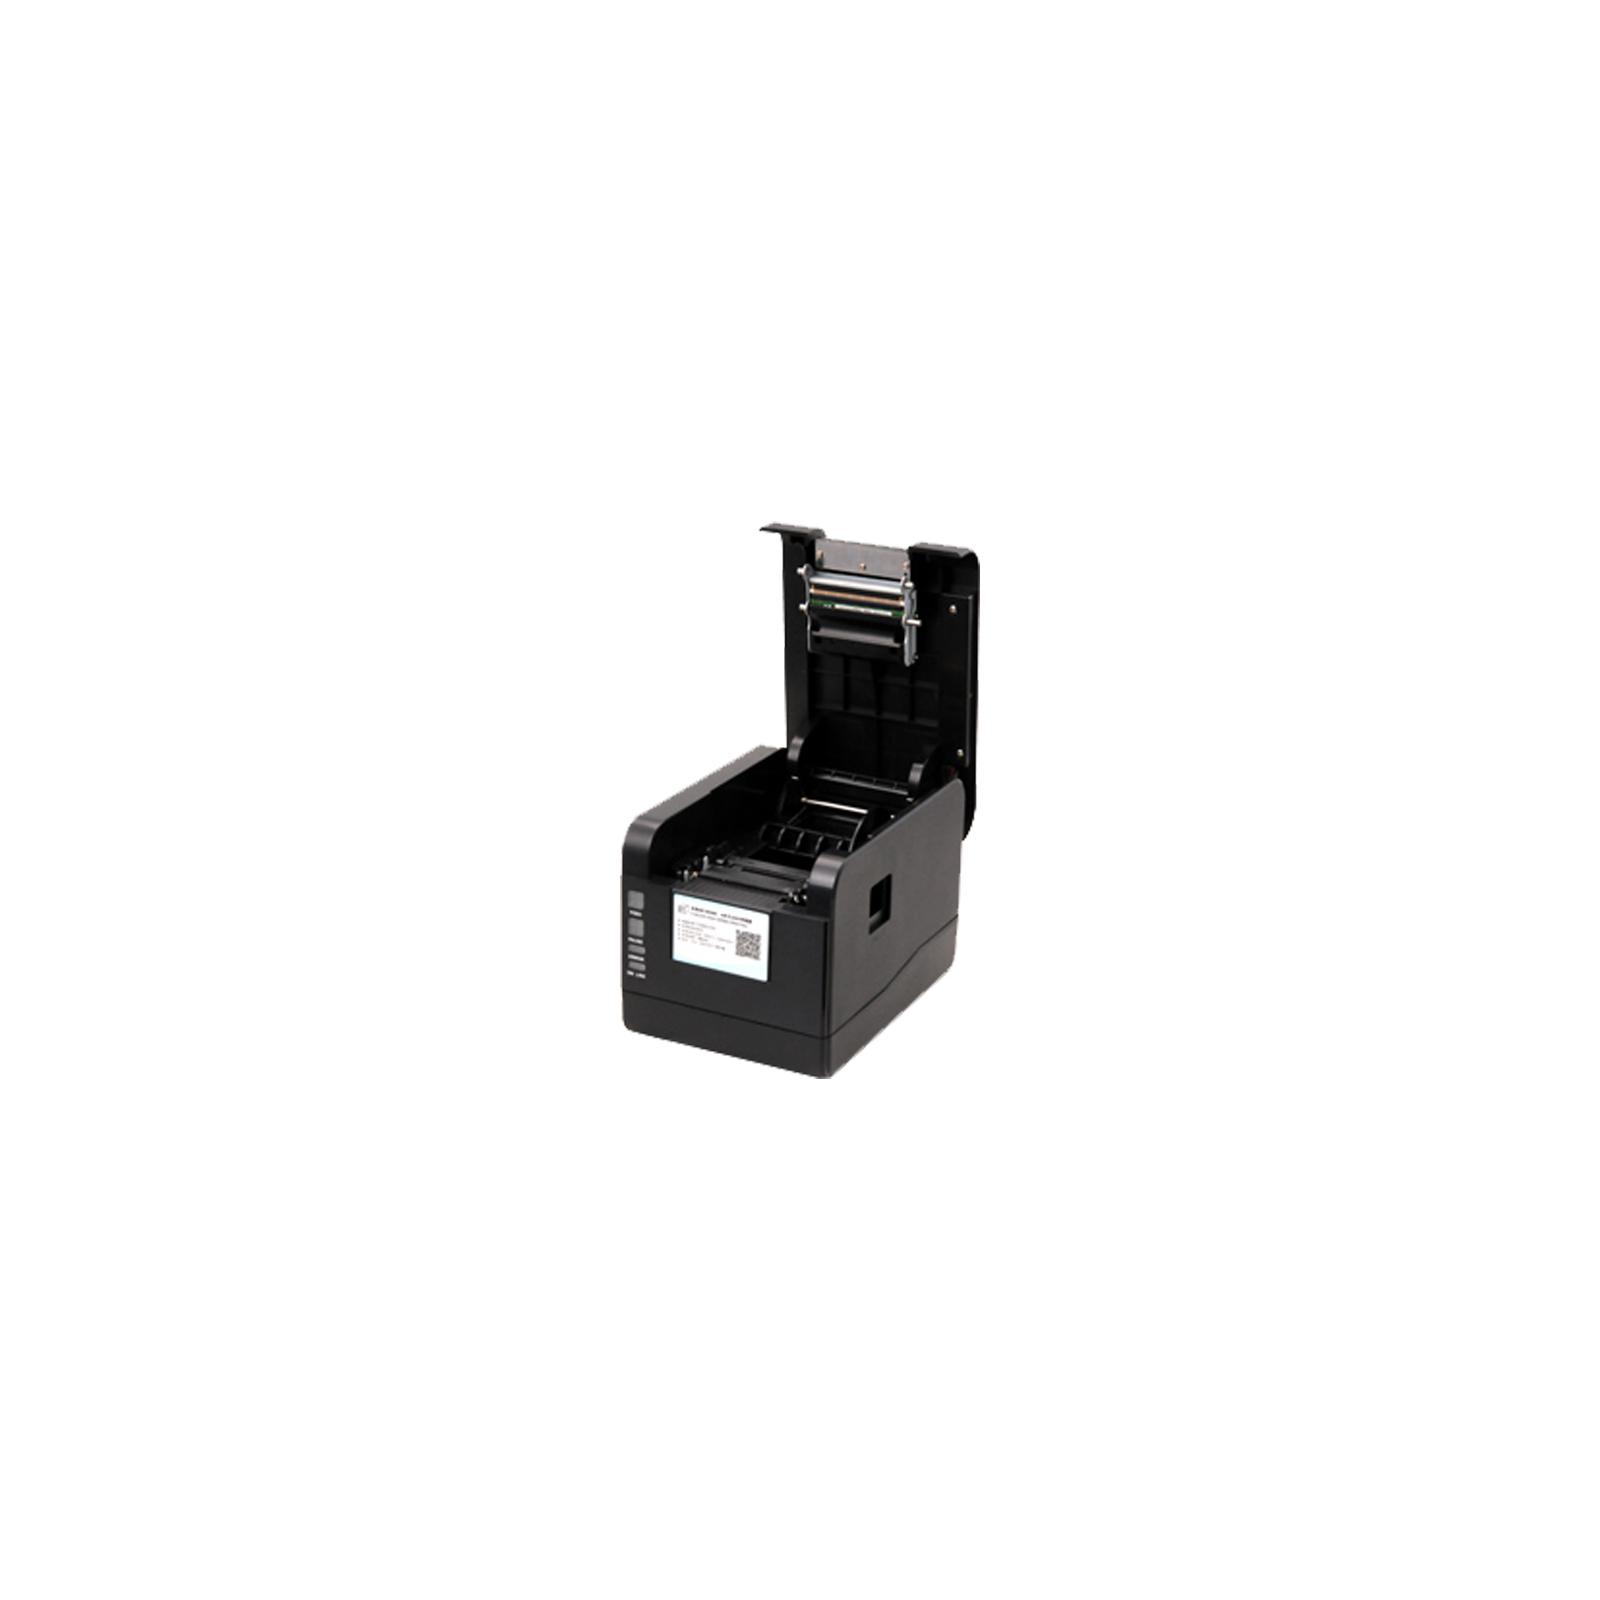 Принтер этикеток X-PRINTER XP-233B изображение 4